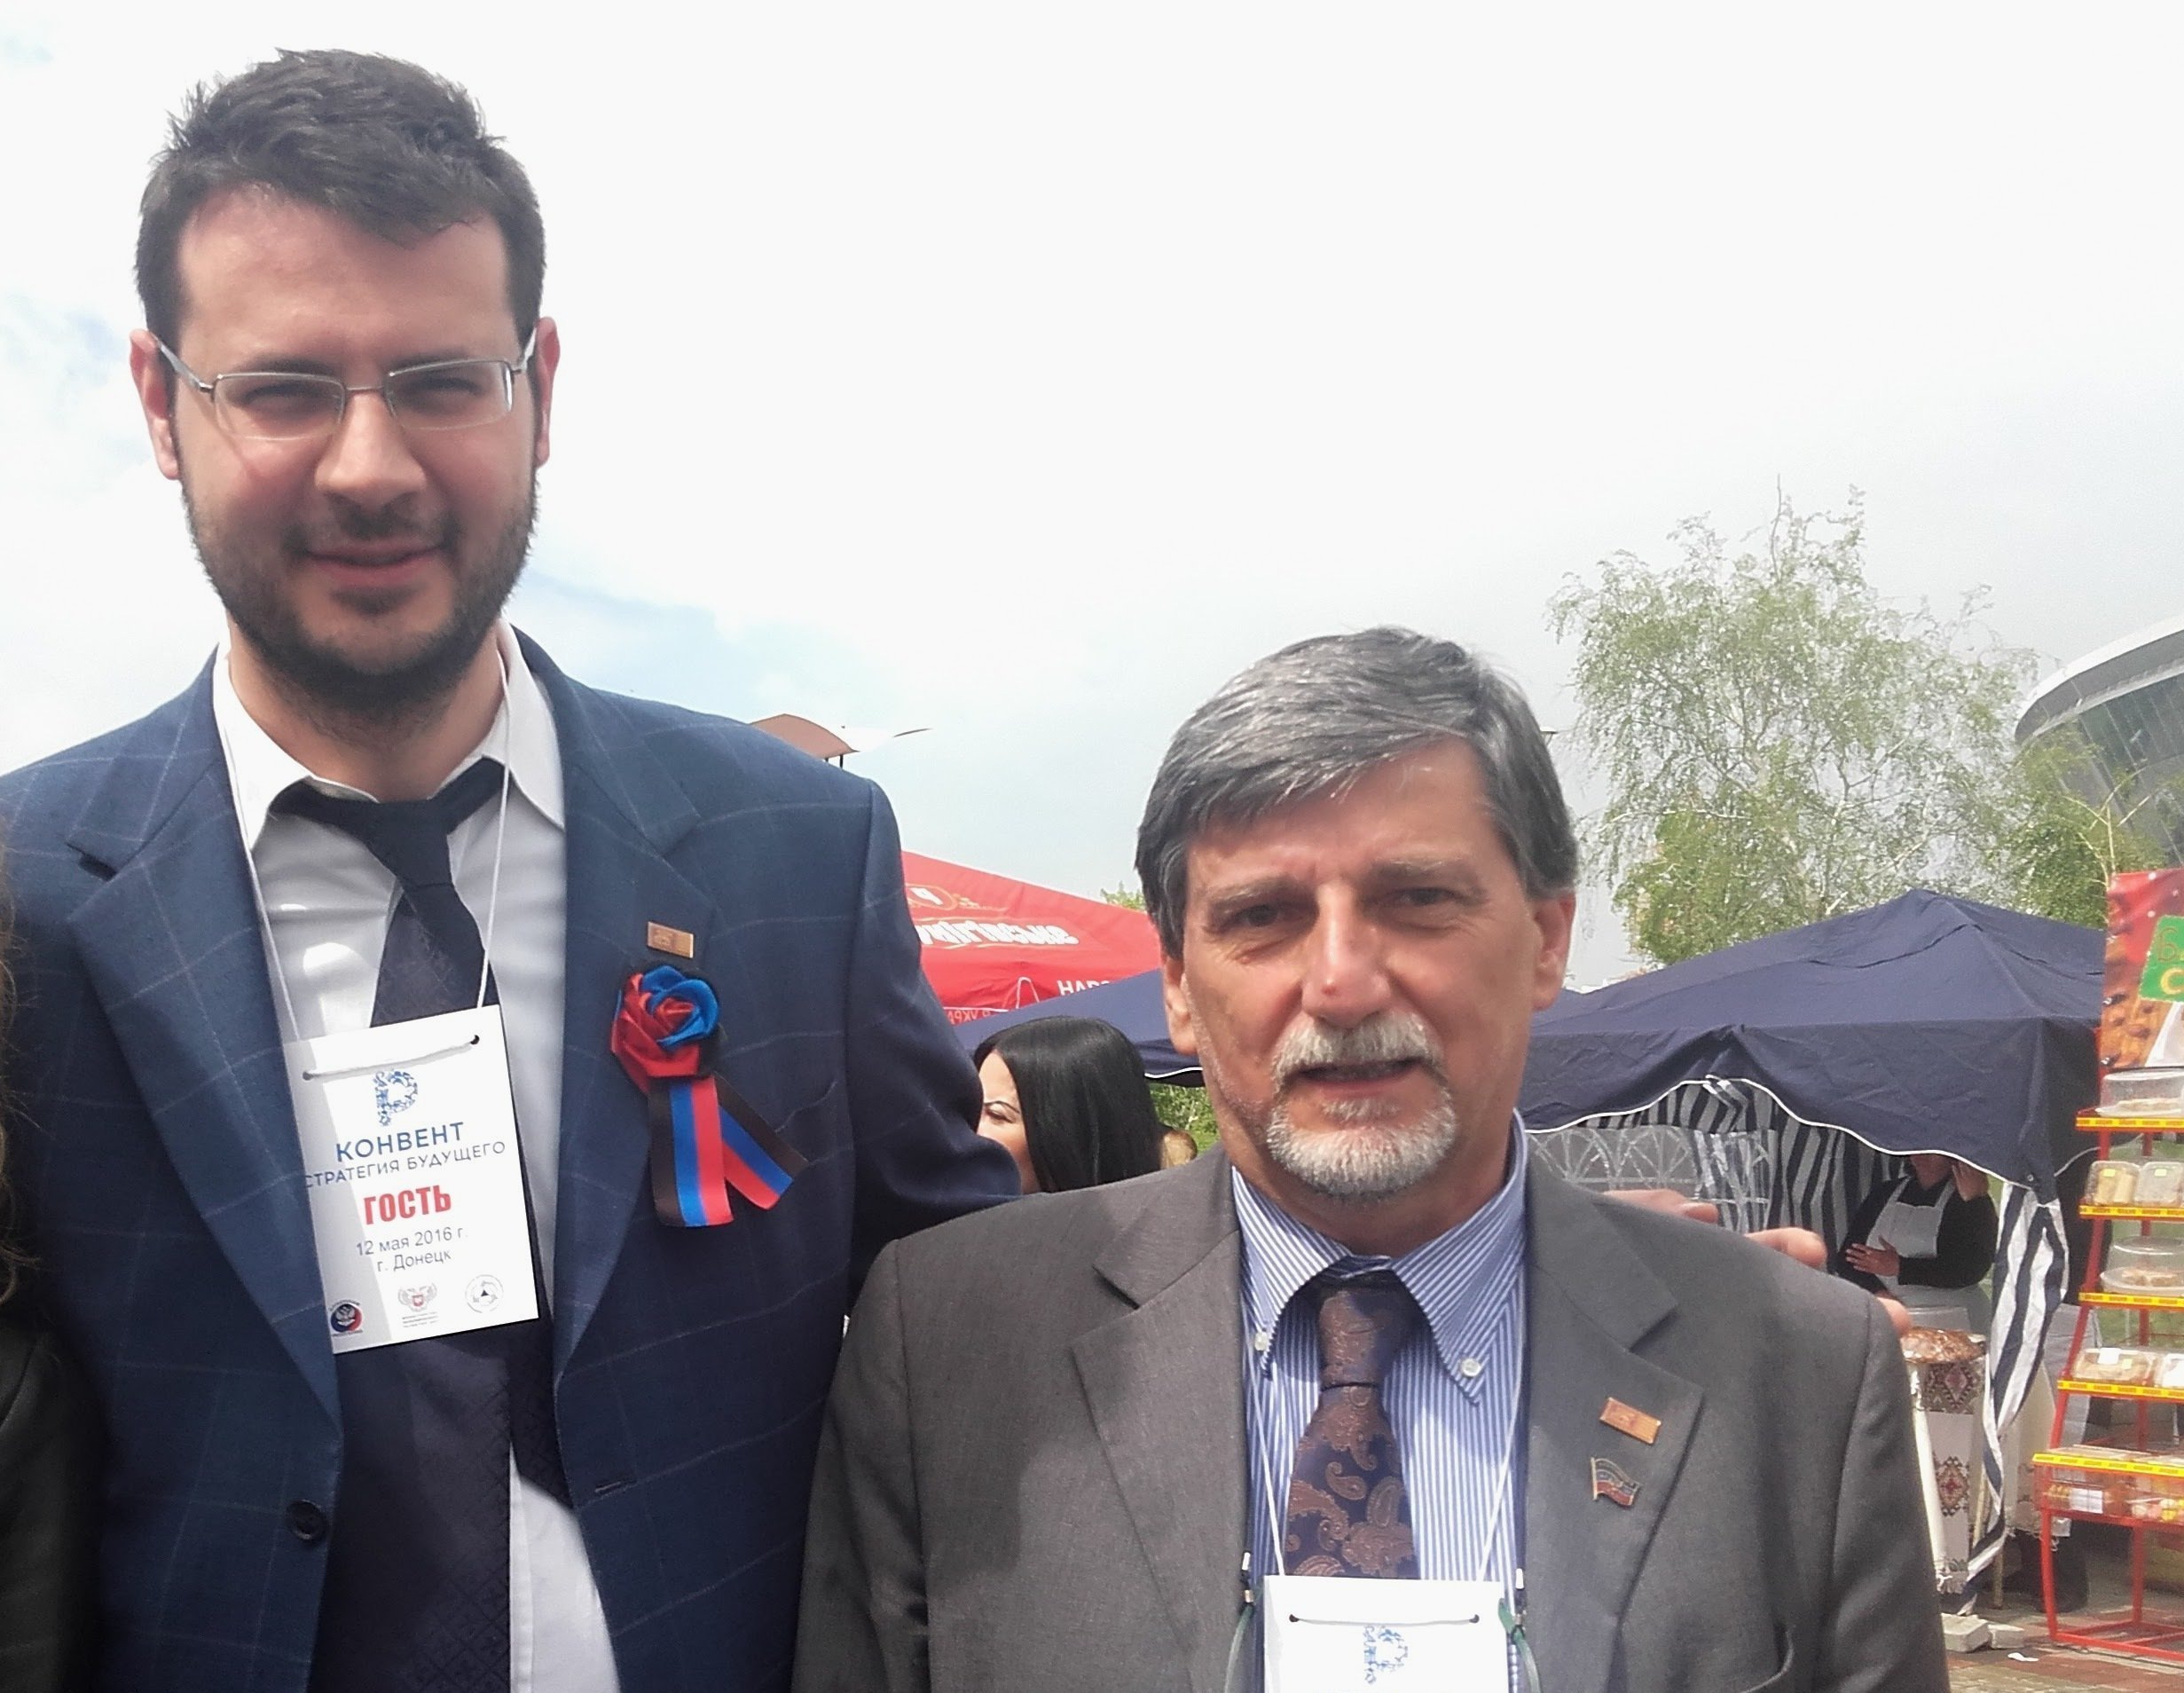 Vito Comencini, Palmarino Zoccatelli